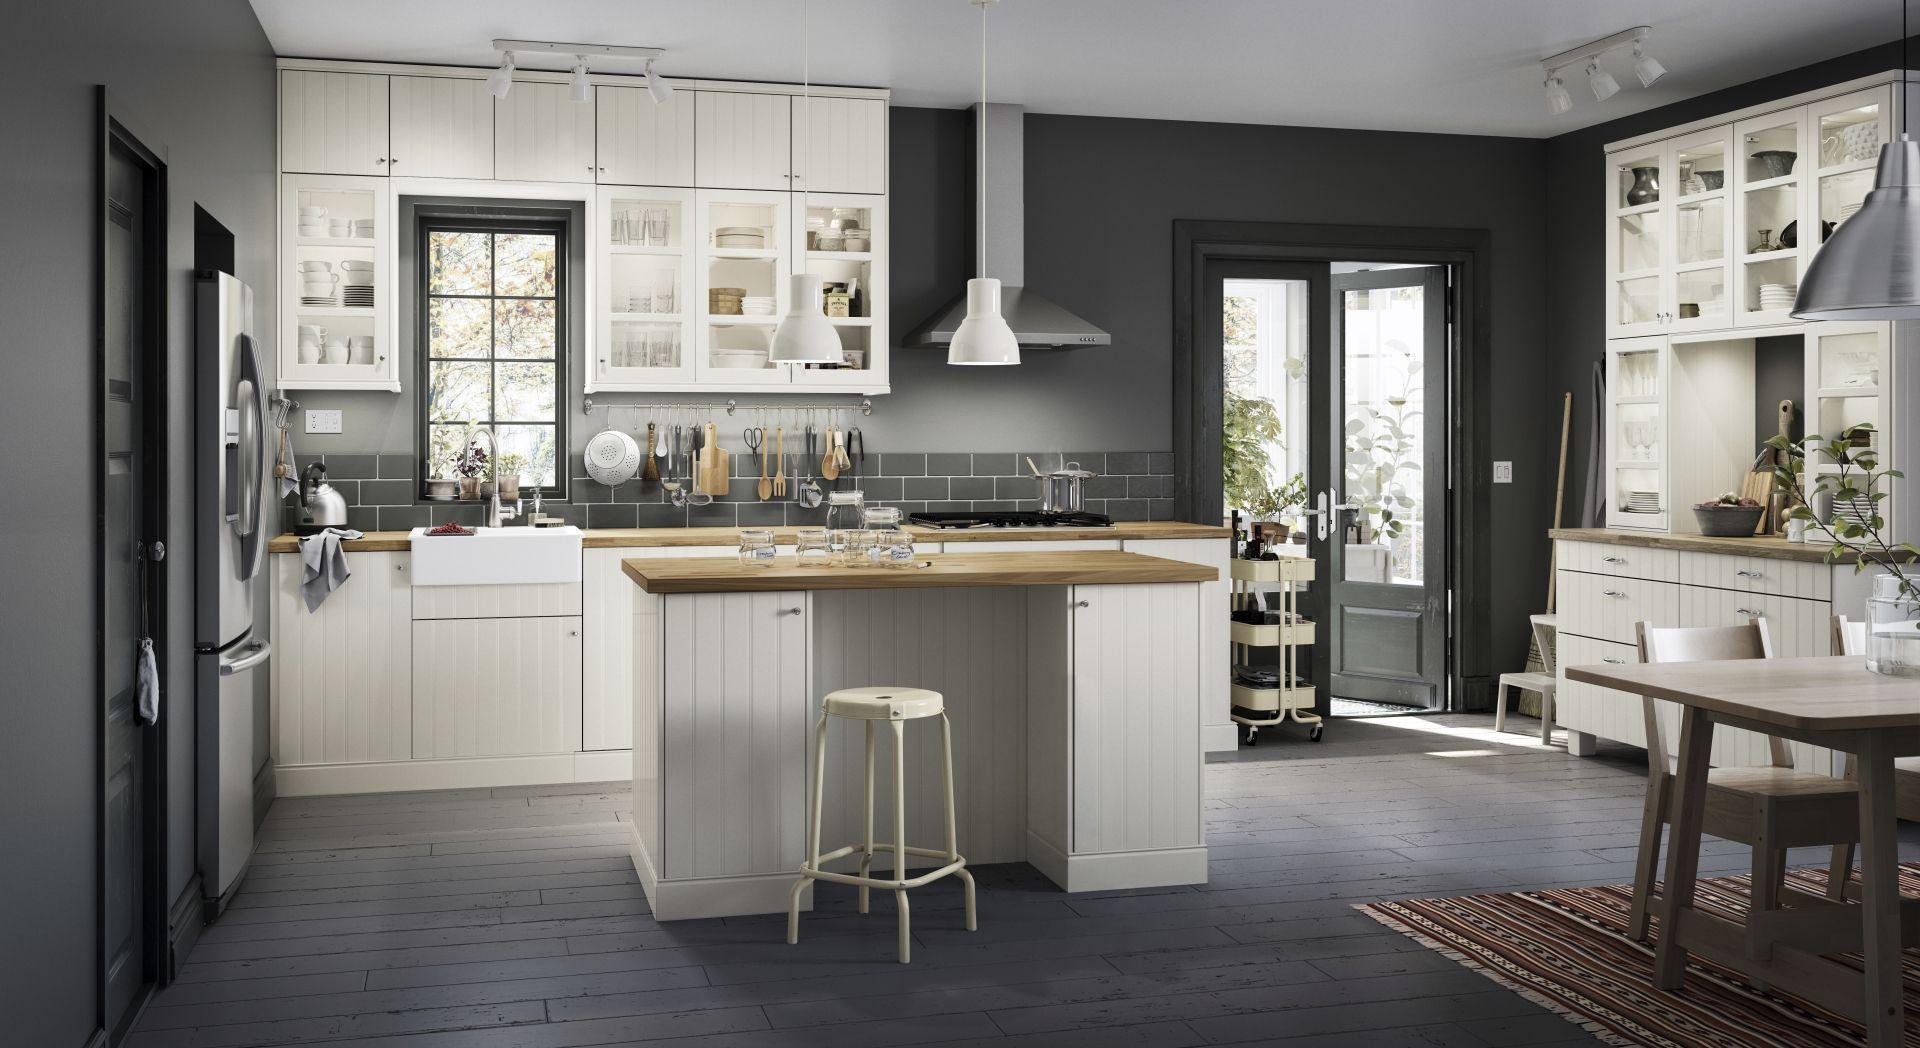 Sofás, colchones, decoración y muebles - Compra Online   Casa (House ...